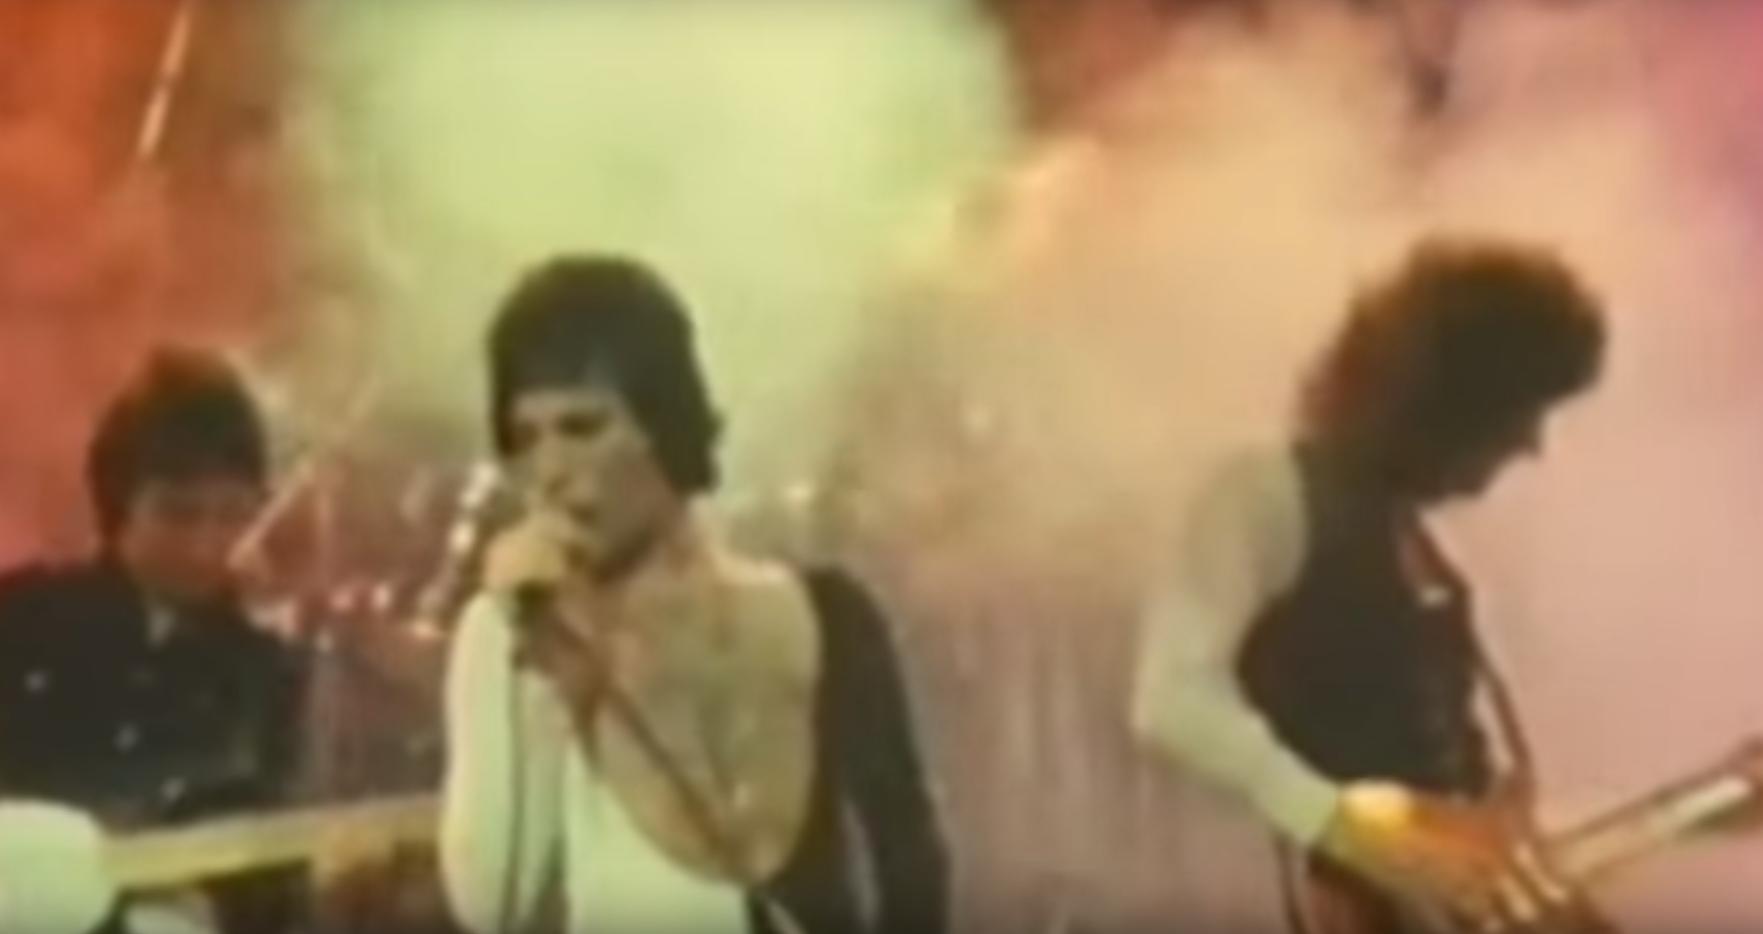 Quitan la música de fondo de la canción de Freddie Mercury, y así suena su verdadera voz